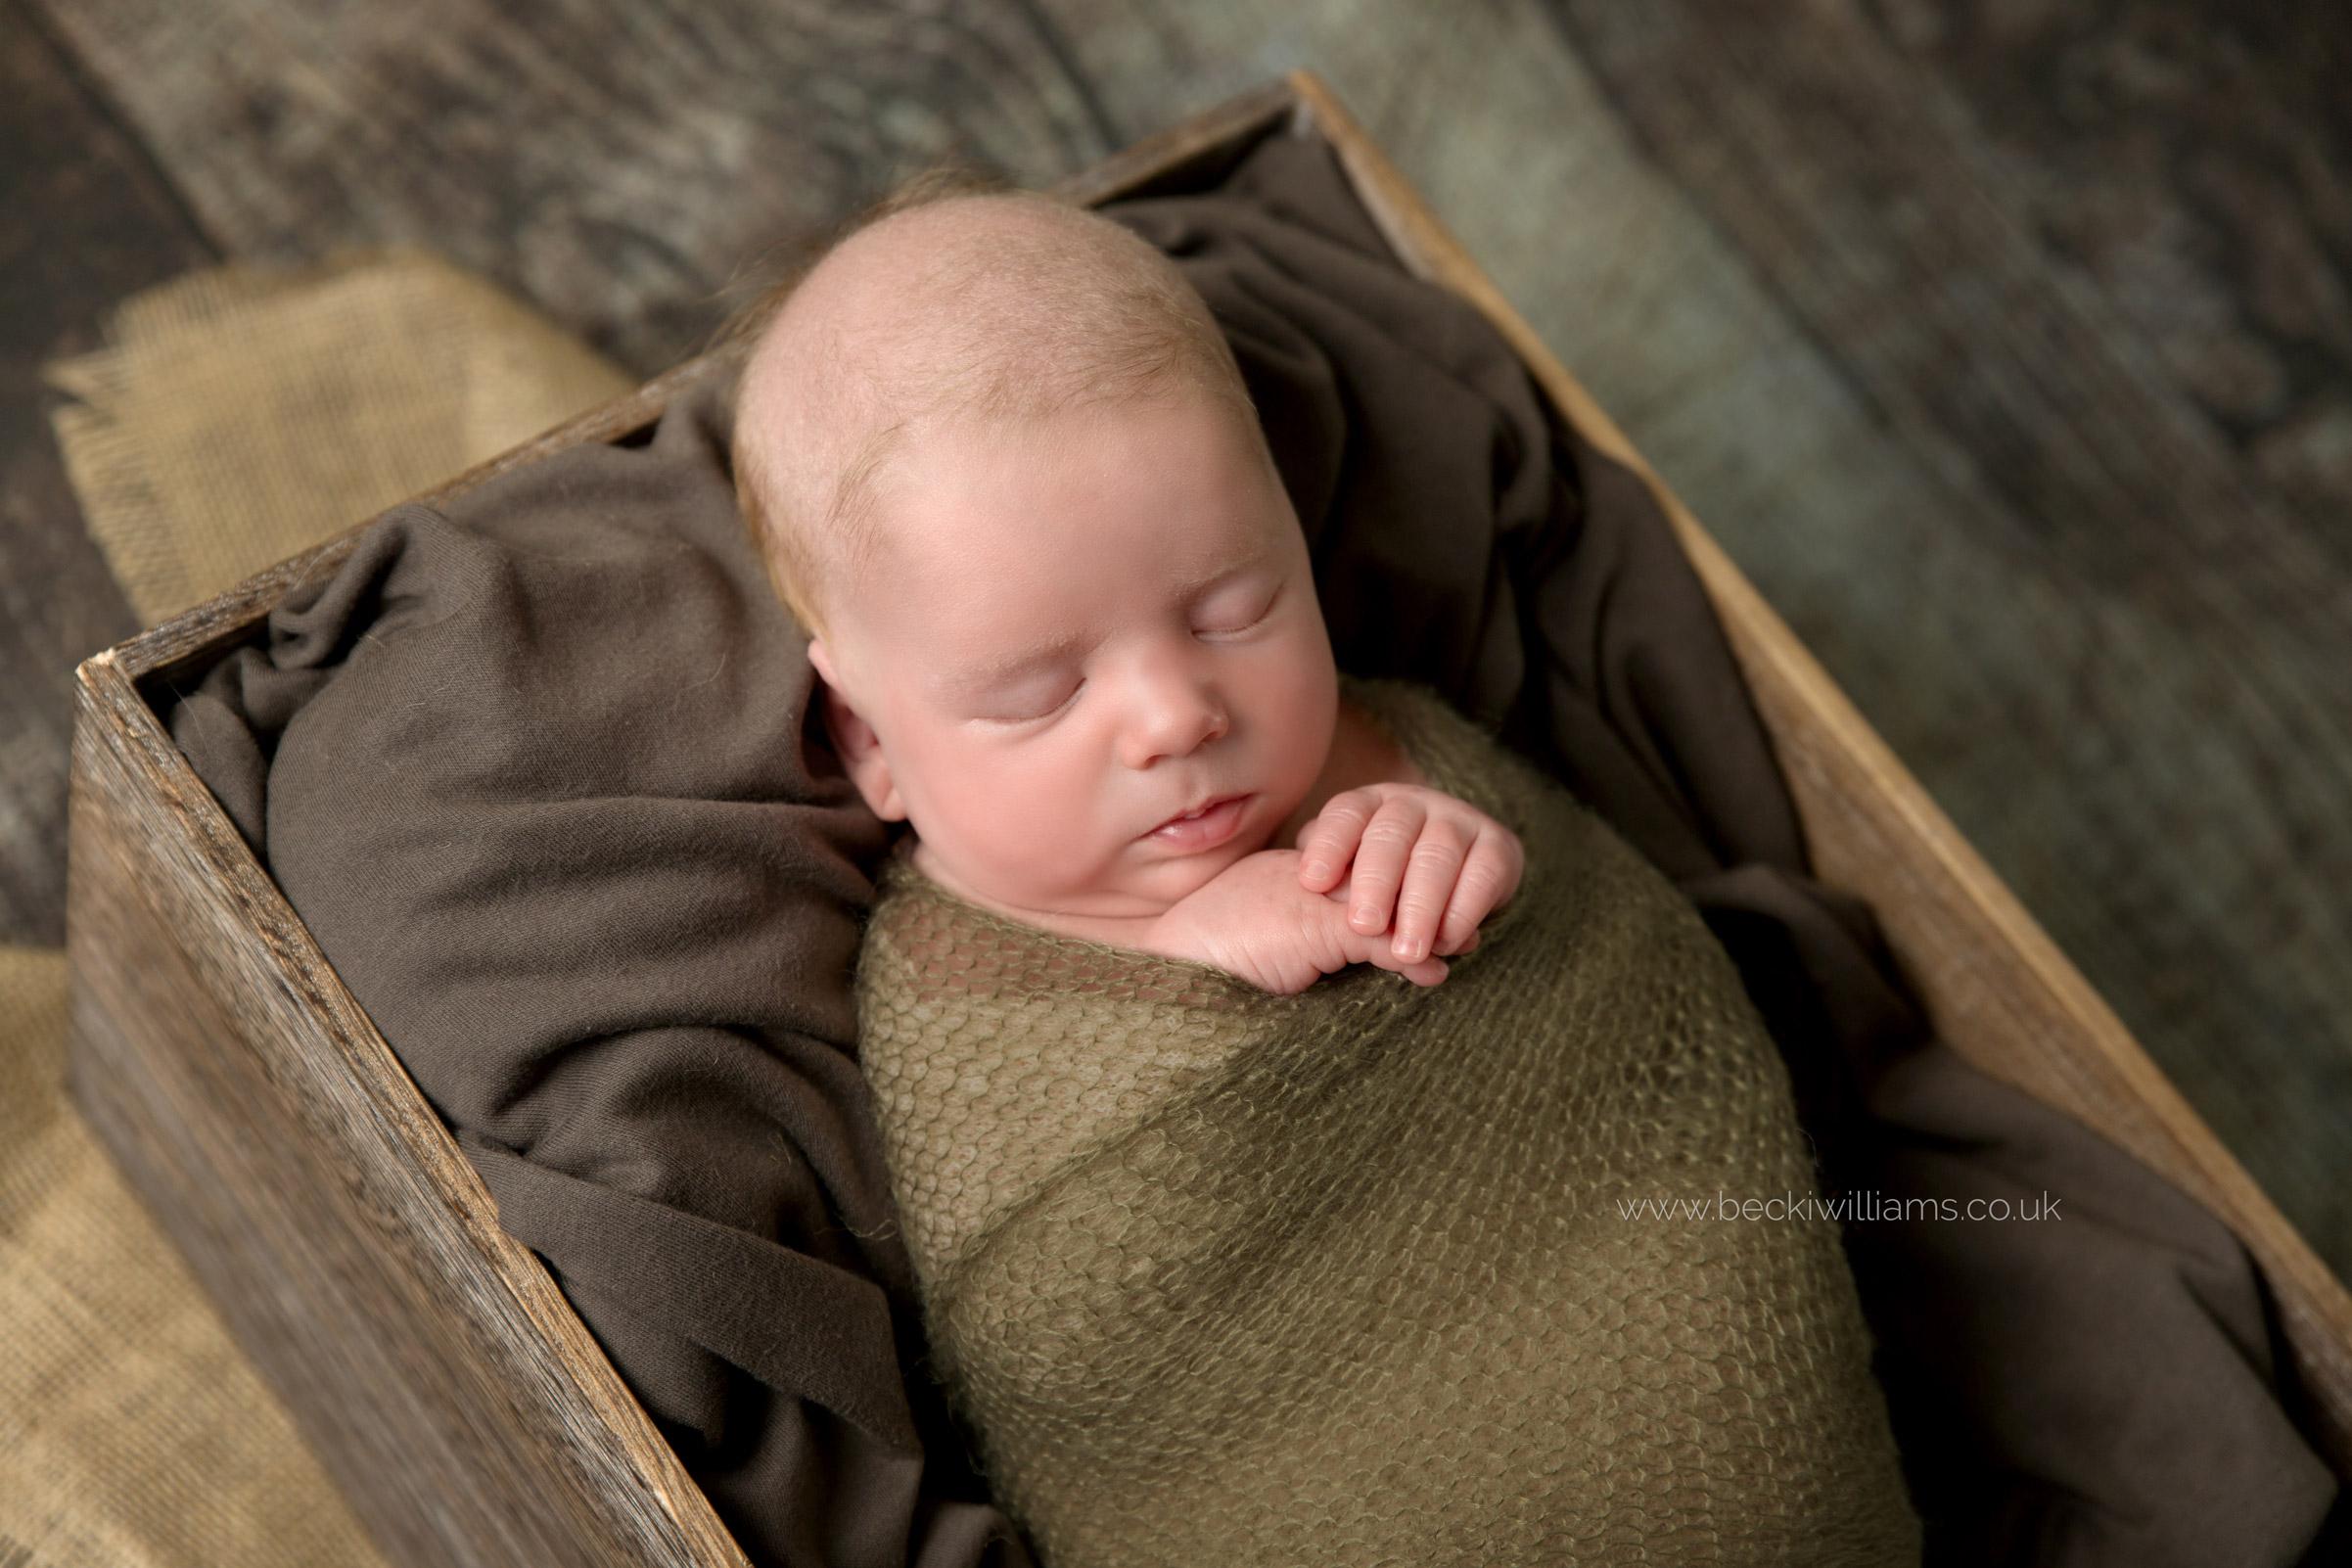 newborn-photography-hemel-hempstead-crate-brown.jpg